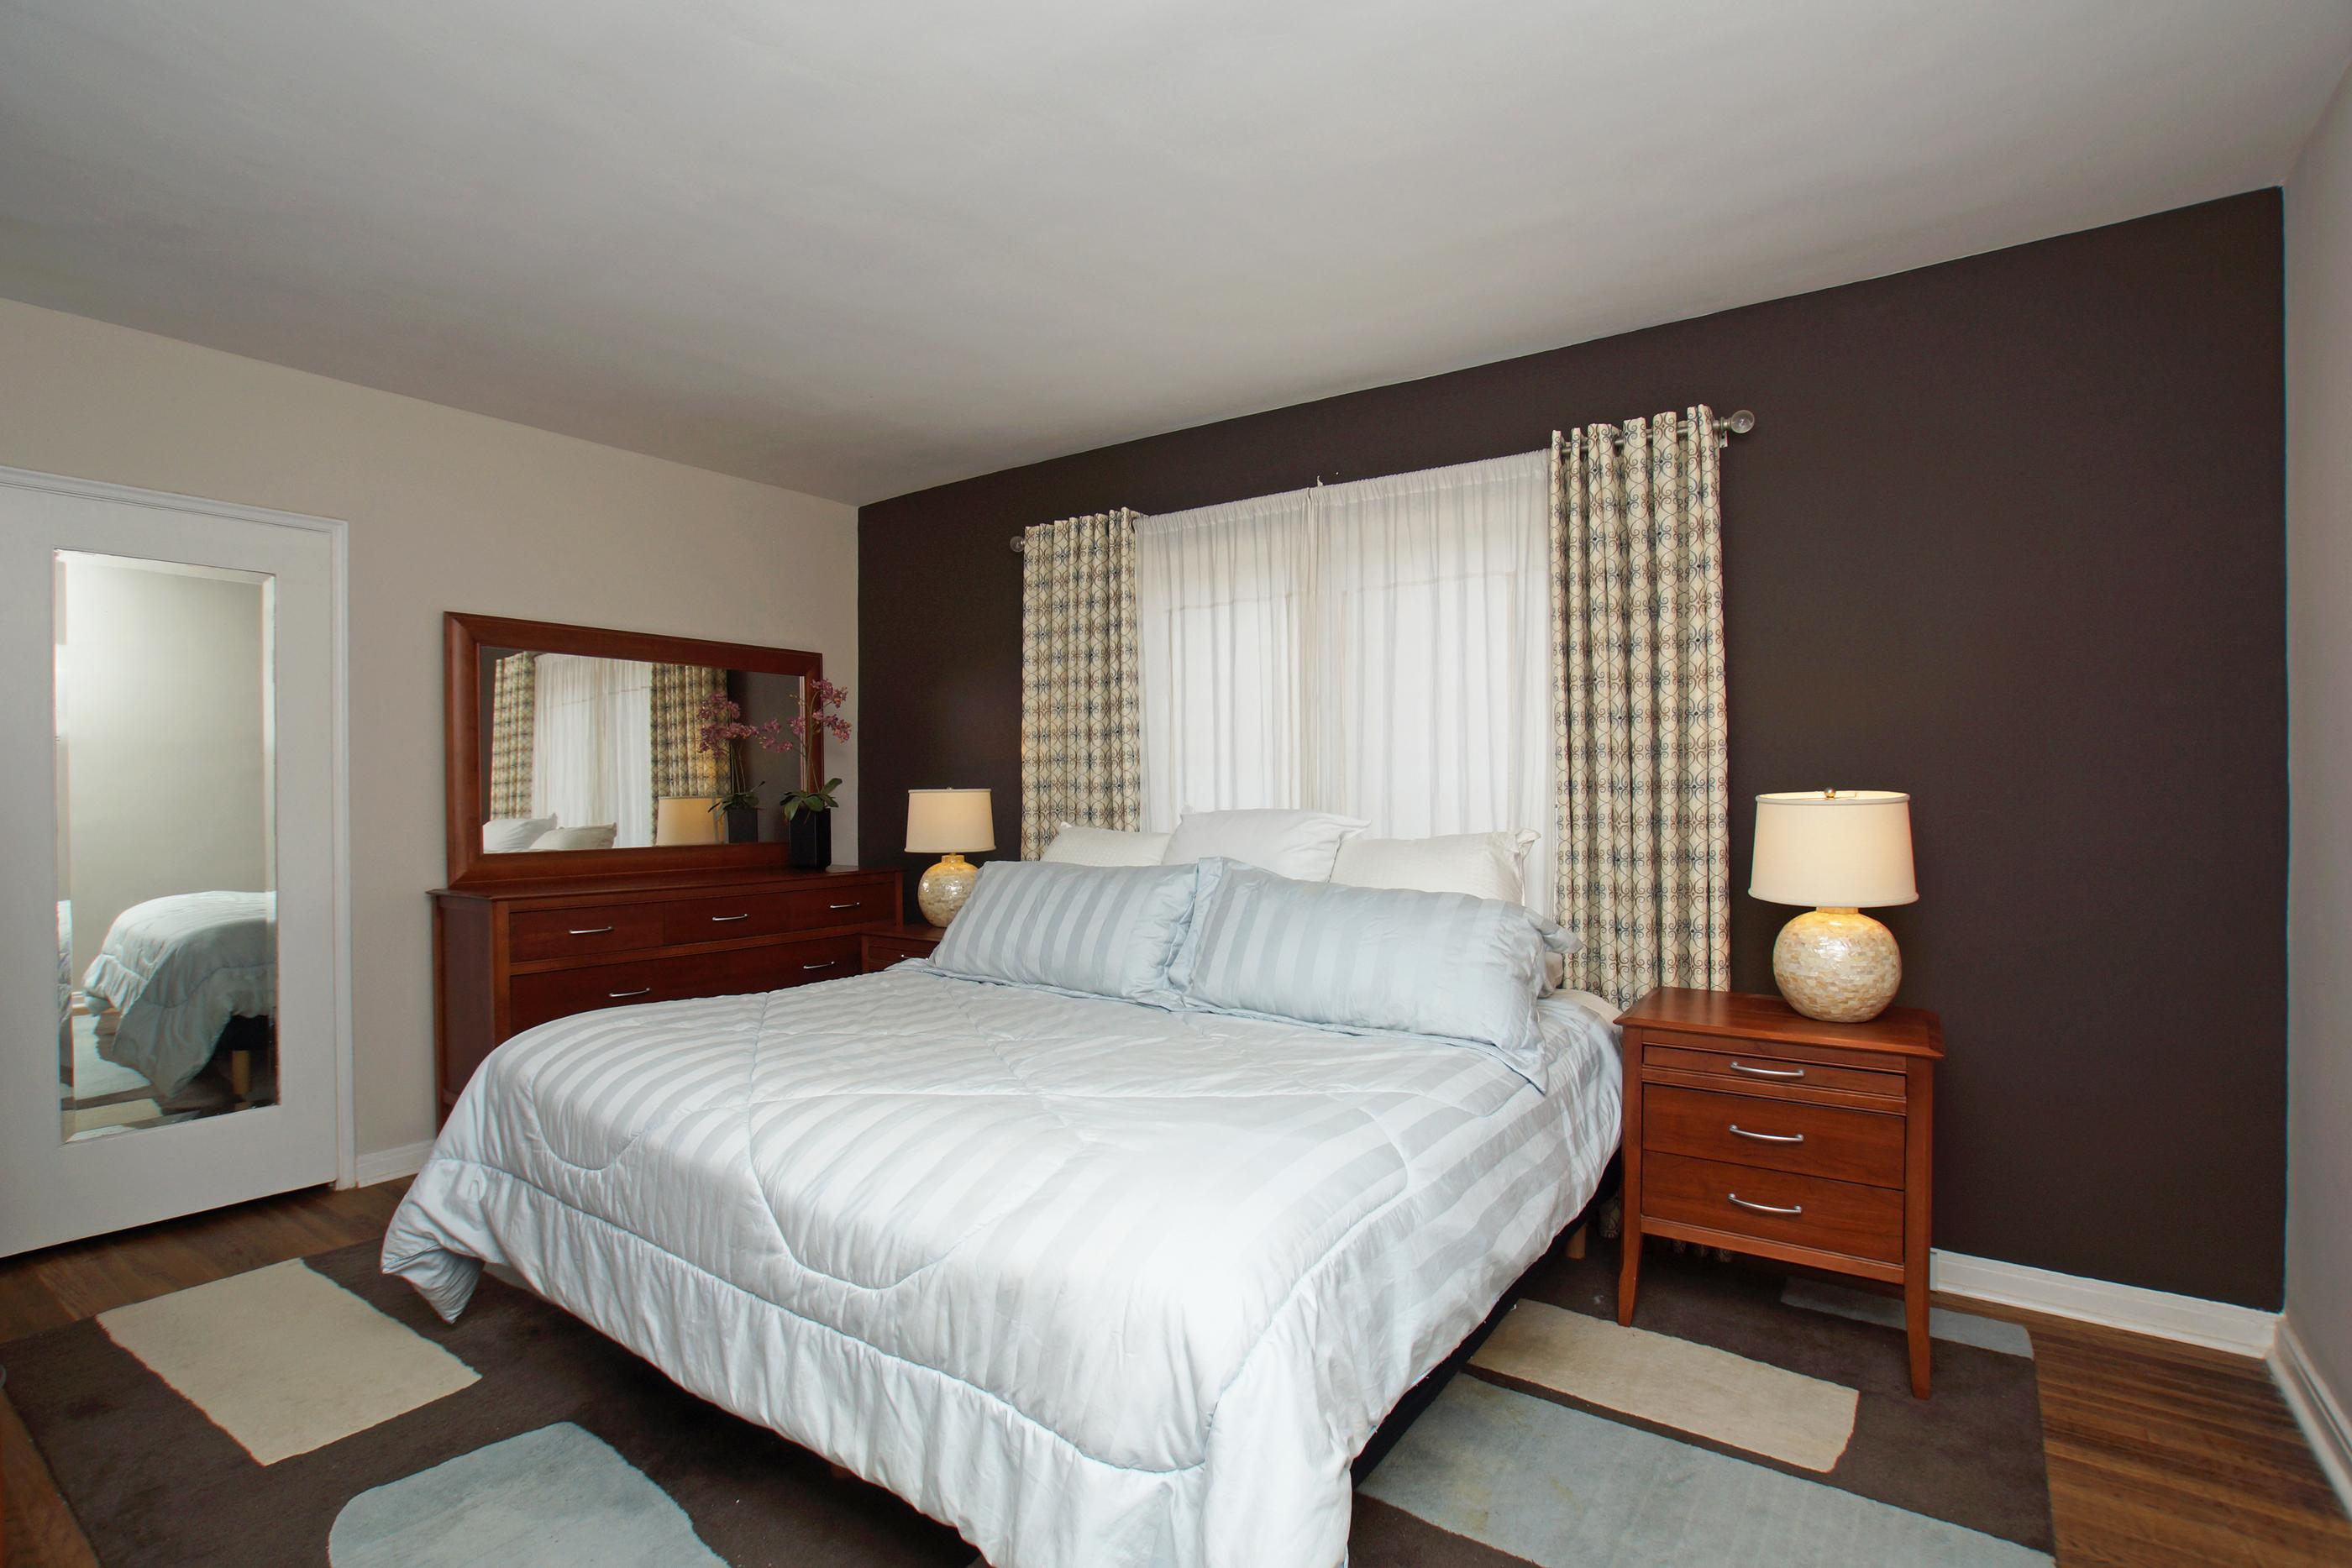 Pasadena Los Angeles Real Estate Agents Altadena La Canada South Pasadena San Marino